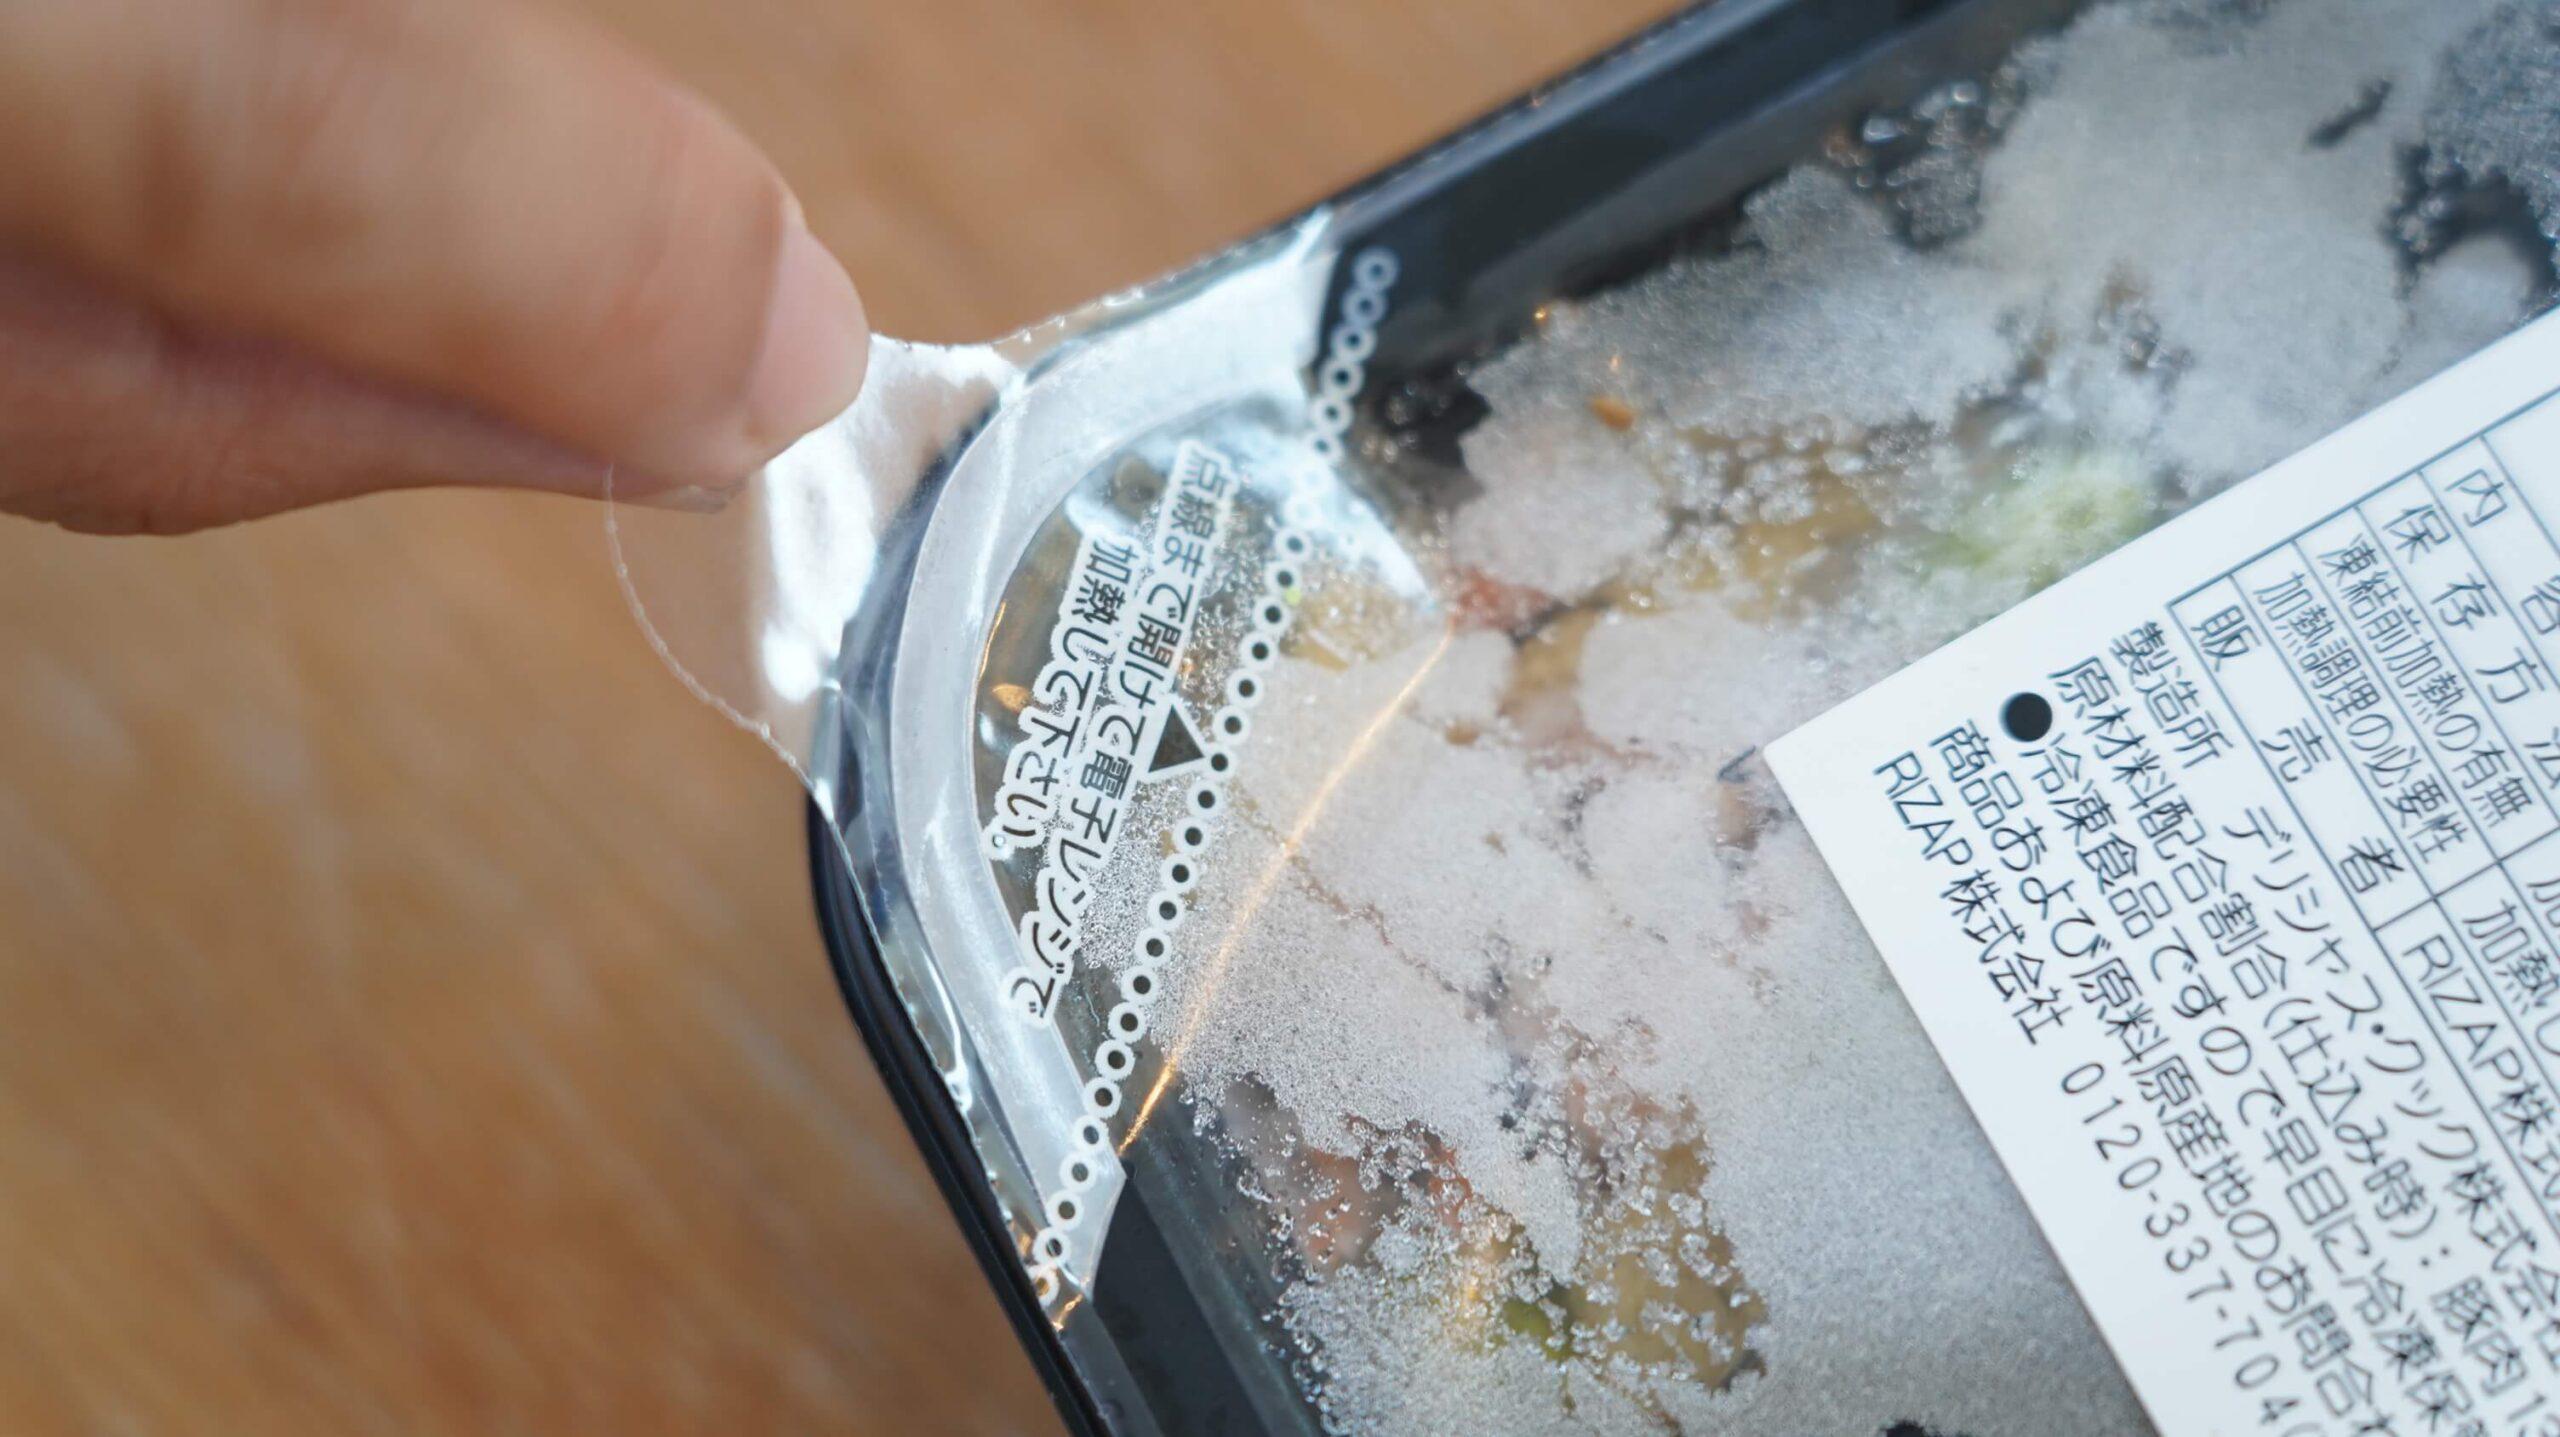 ライザップのサポートミール「豚の生姜焼き」のフタを開けている写真